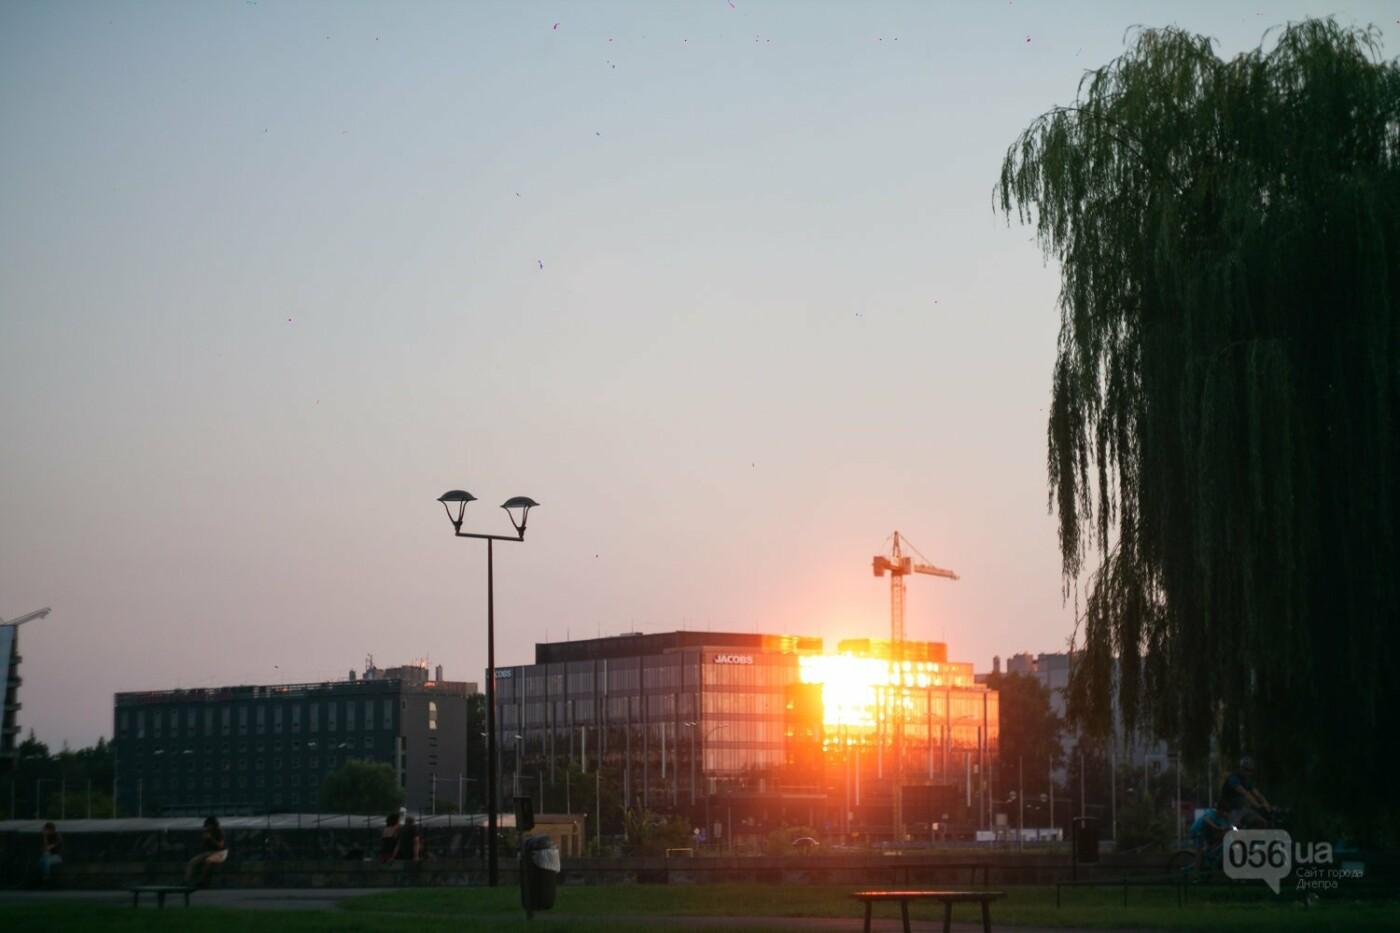 Приехать в Польшу и влюбиться, часть 1: мини-гайд по Кракову о жилье, транспорте и развлечениях, и экскурсия в Аушвиц-Биркенау , - ФОТО, фото-27